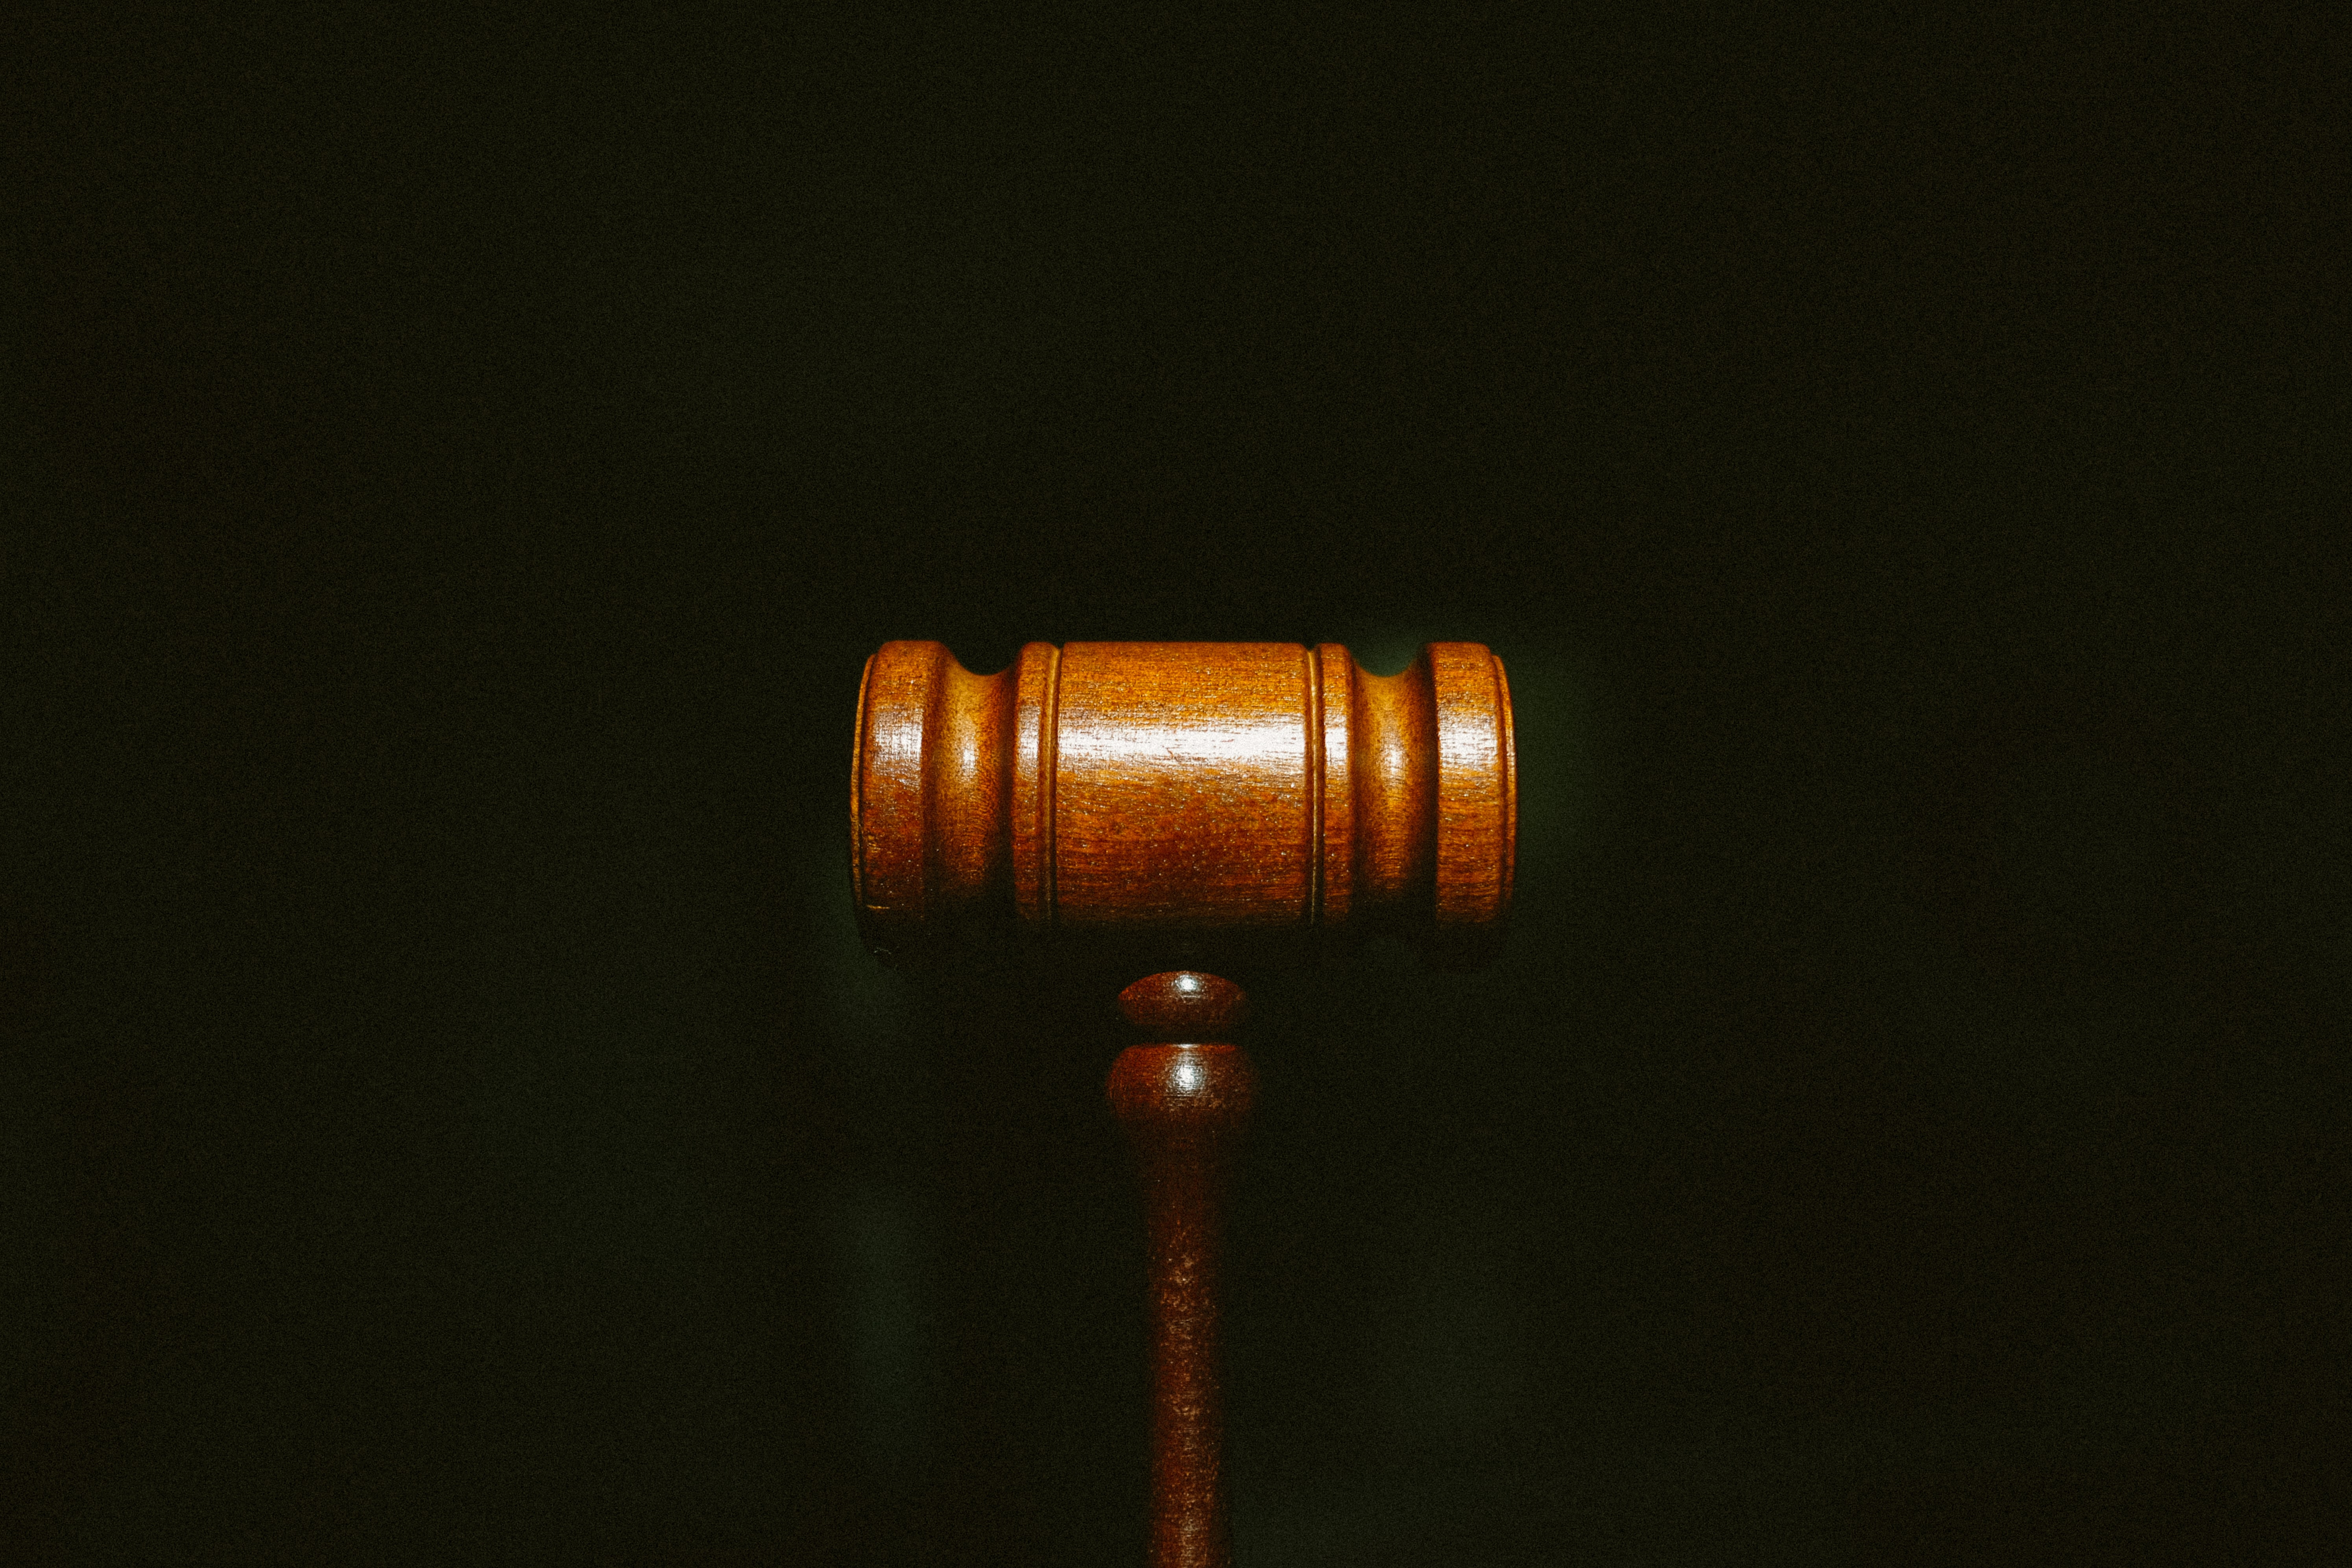 Konkurs ofert na nieodpłatną pomoc prawną lub nieodpłatne poradnictwo obywatelskie w roku 2021